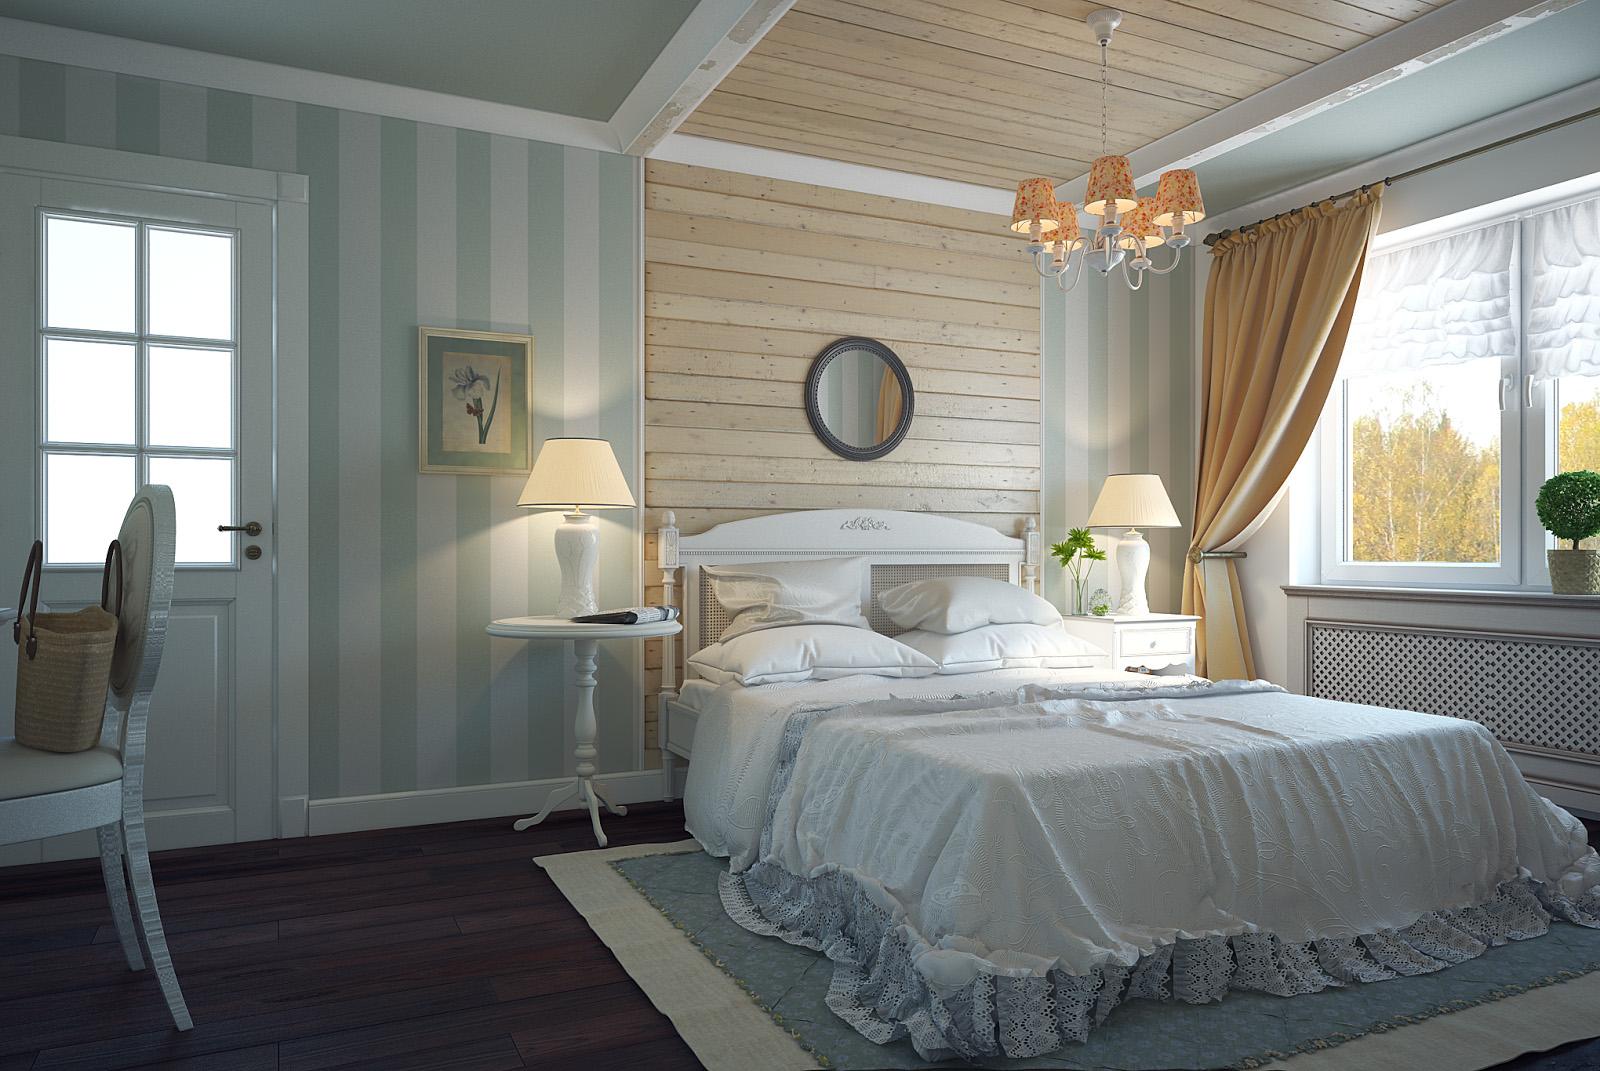 Бежево-голубая спальня в стиле французского кантри